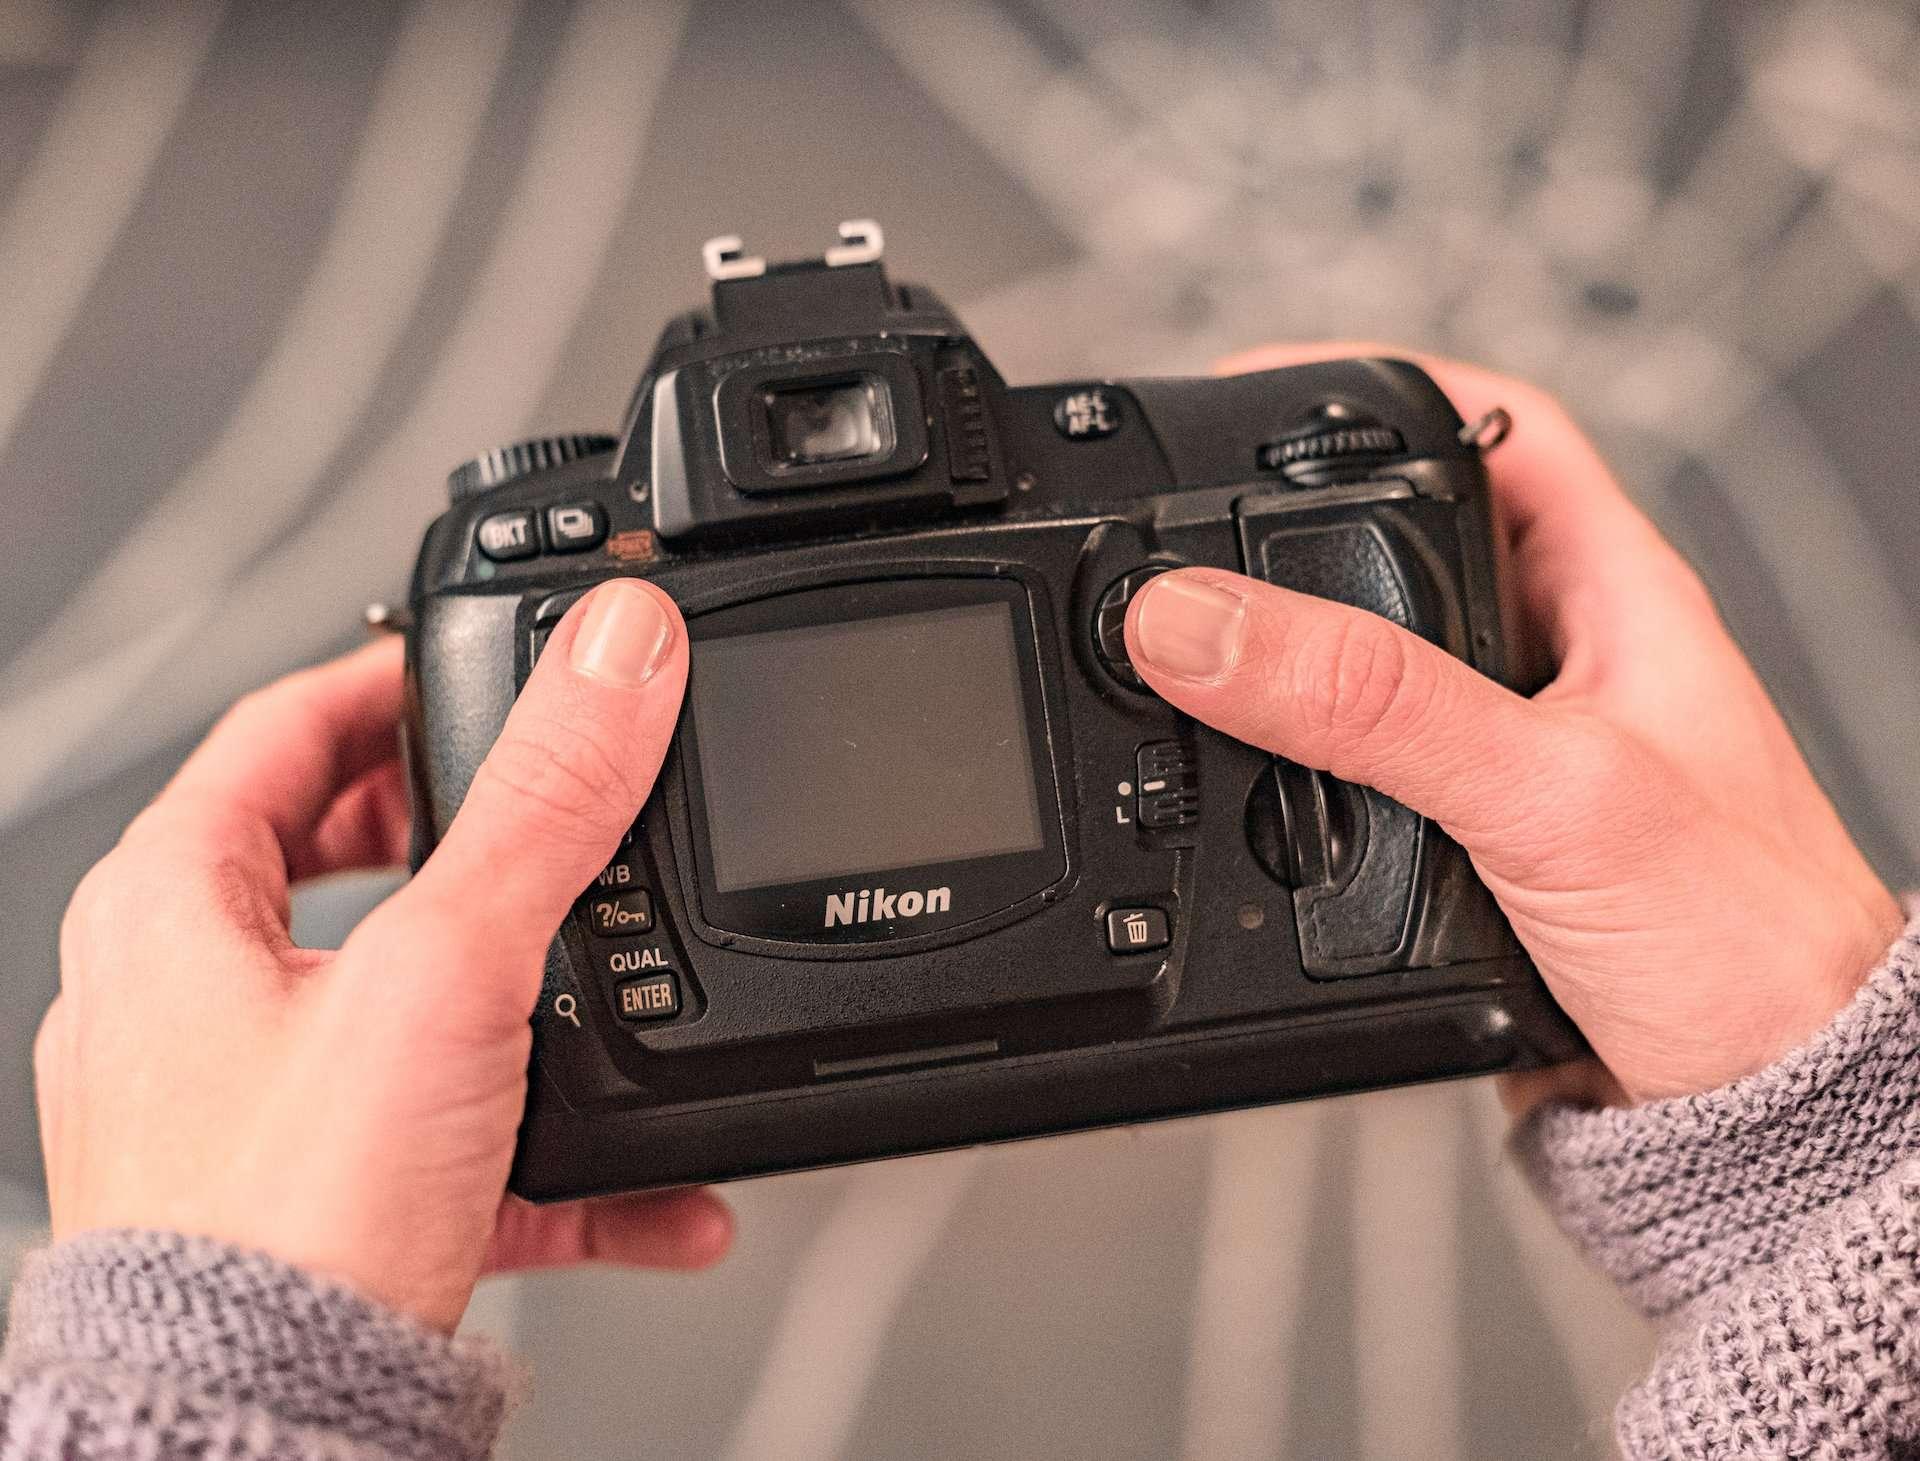 Looking at Nikon camera